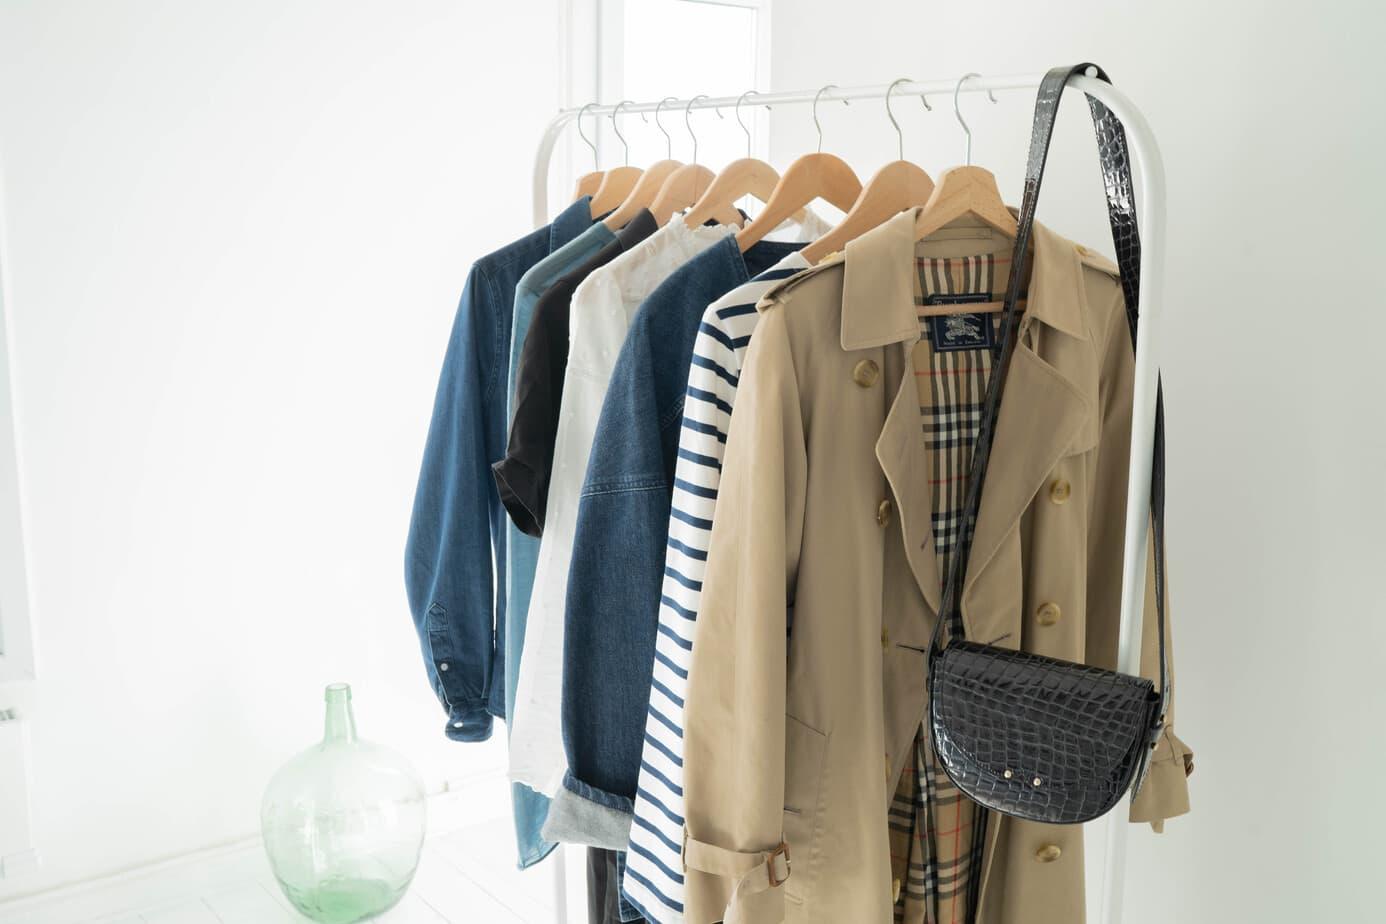 La Maison Du Dressing les basiques du printemps - le dressing idéal